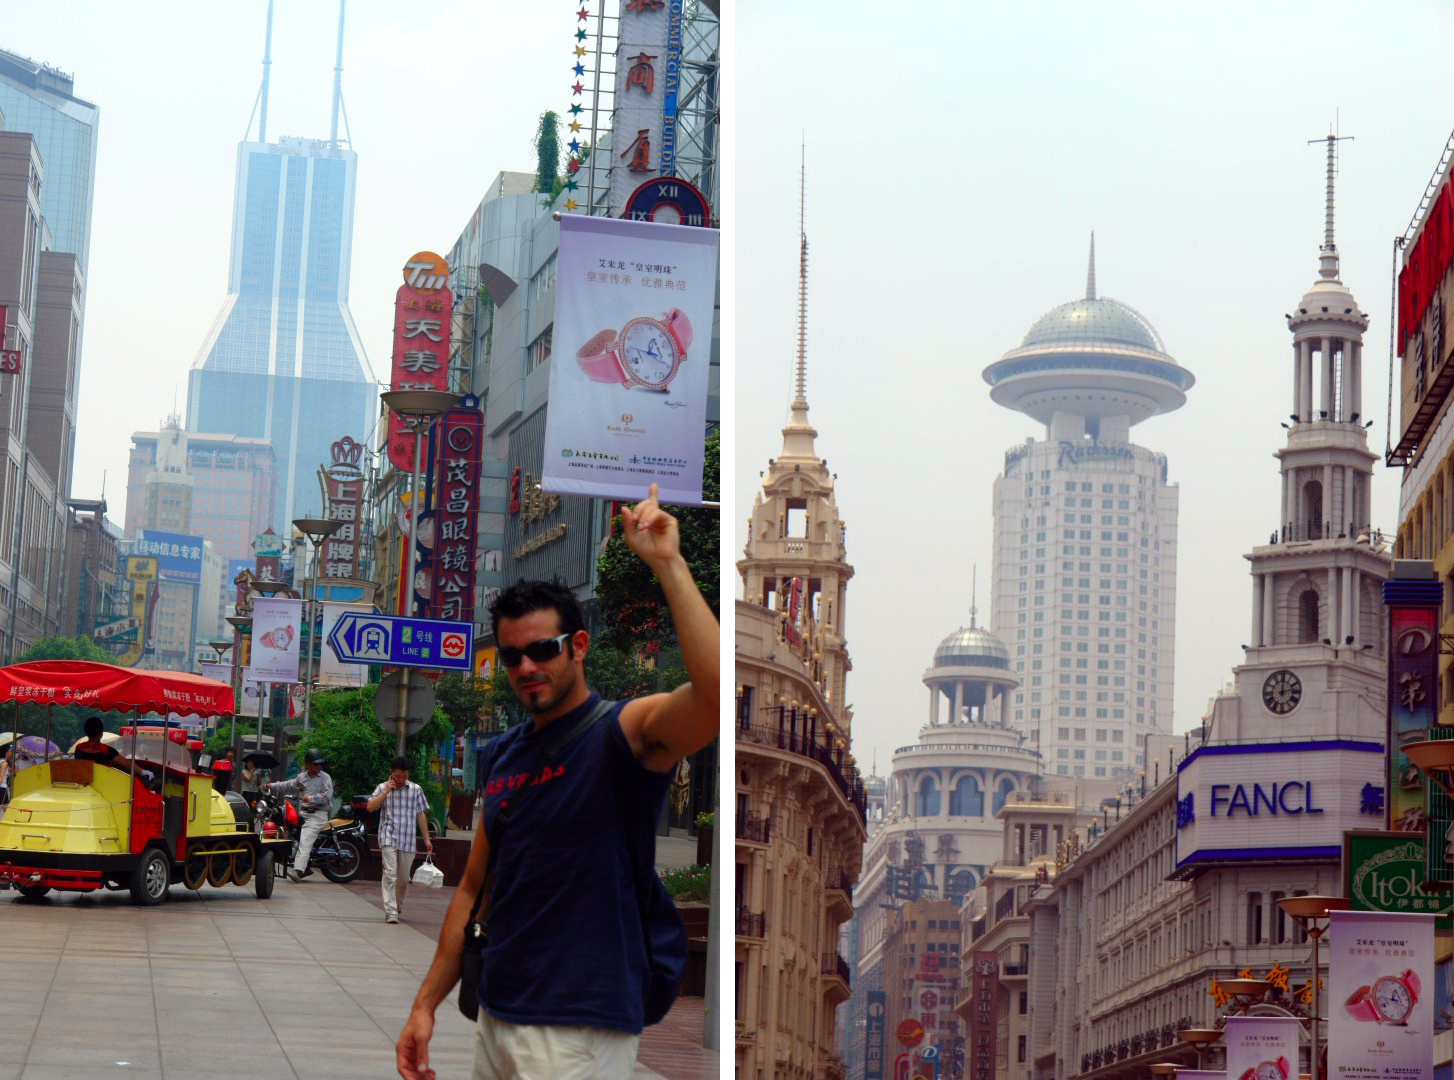 qué ver en Shanghai, China qué ver en shanghai - 31714502244 e388860c4e o - Qué ver en Shanghai, China